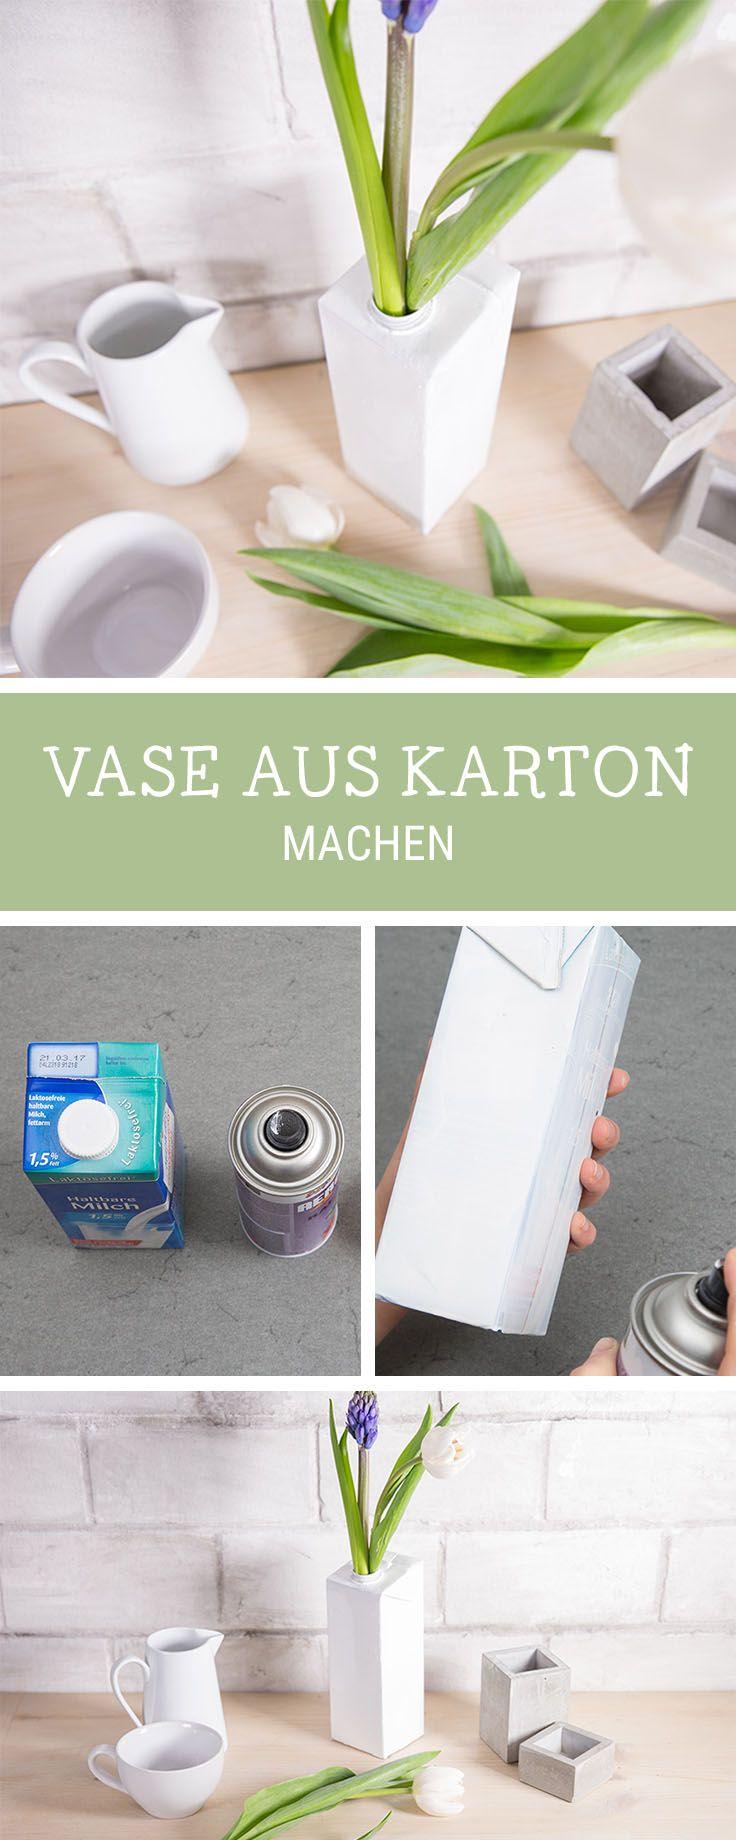 Upcycling-DIY für einen Milchkarton: Wir zeigen Dir, wie Du aus einem Milchkarton eine Vase bastelst / upcycling idea for a milk carton via DaWanda.com